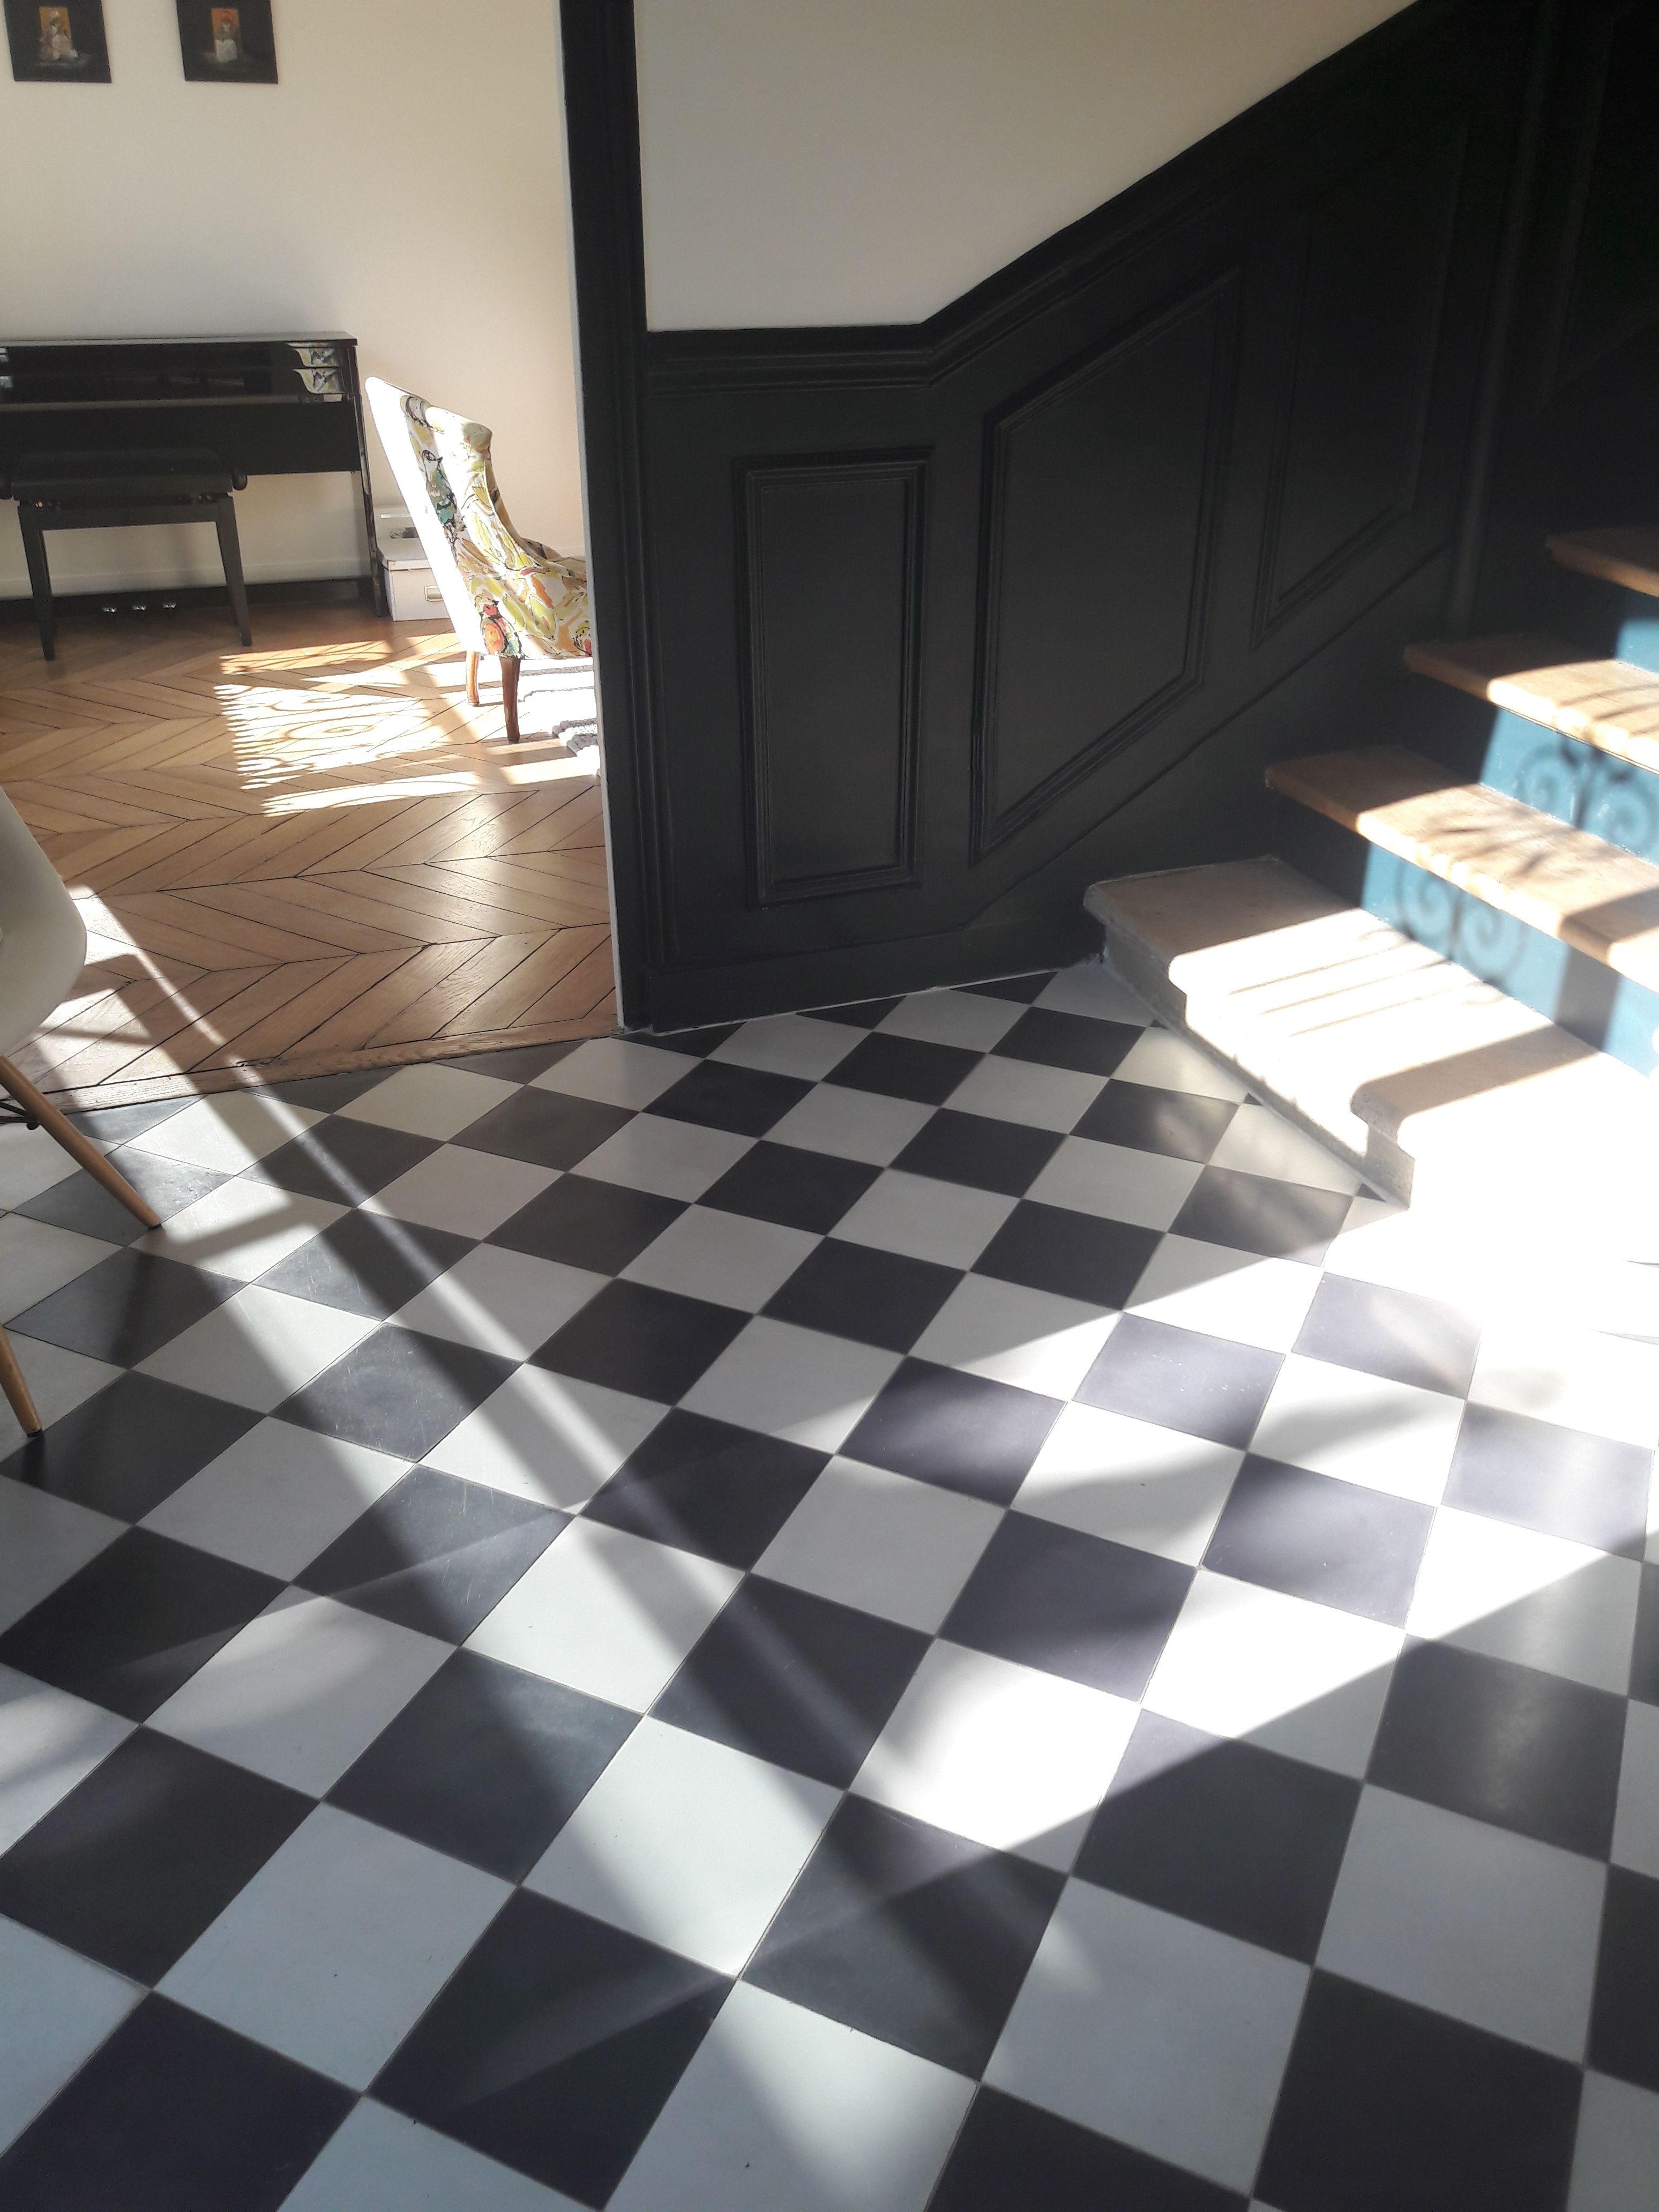 Au Sol Carreaux De Ciment Bahya Unis Noir Et Blanc Disposes En Damier On The Floor Bah Decoration Interieure Noir Et Blanc Tuile Carrelage Noir Et Blanc